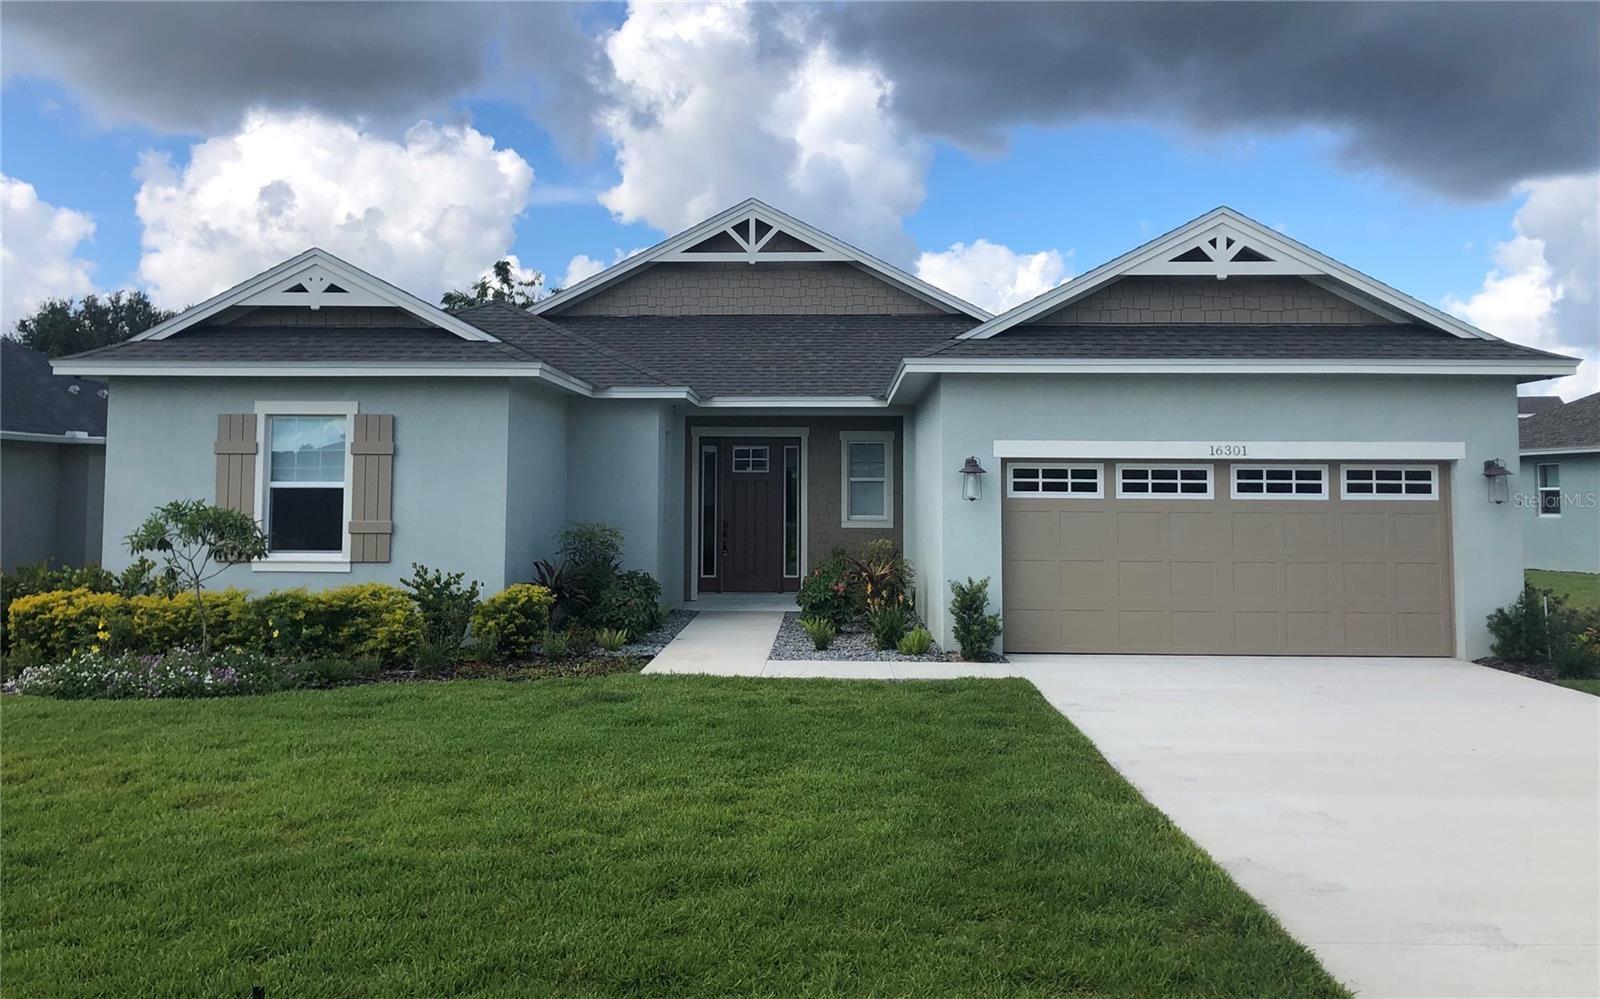 16301 SPRING VIEW COURT, Clermont, FL 34711 - #: G5047600